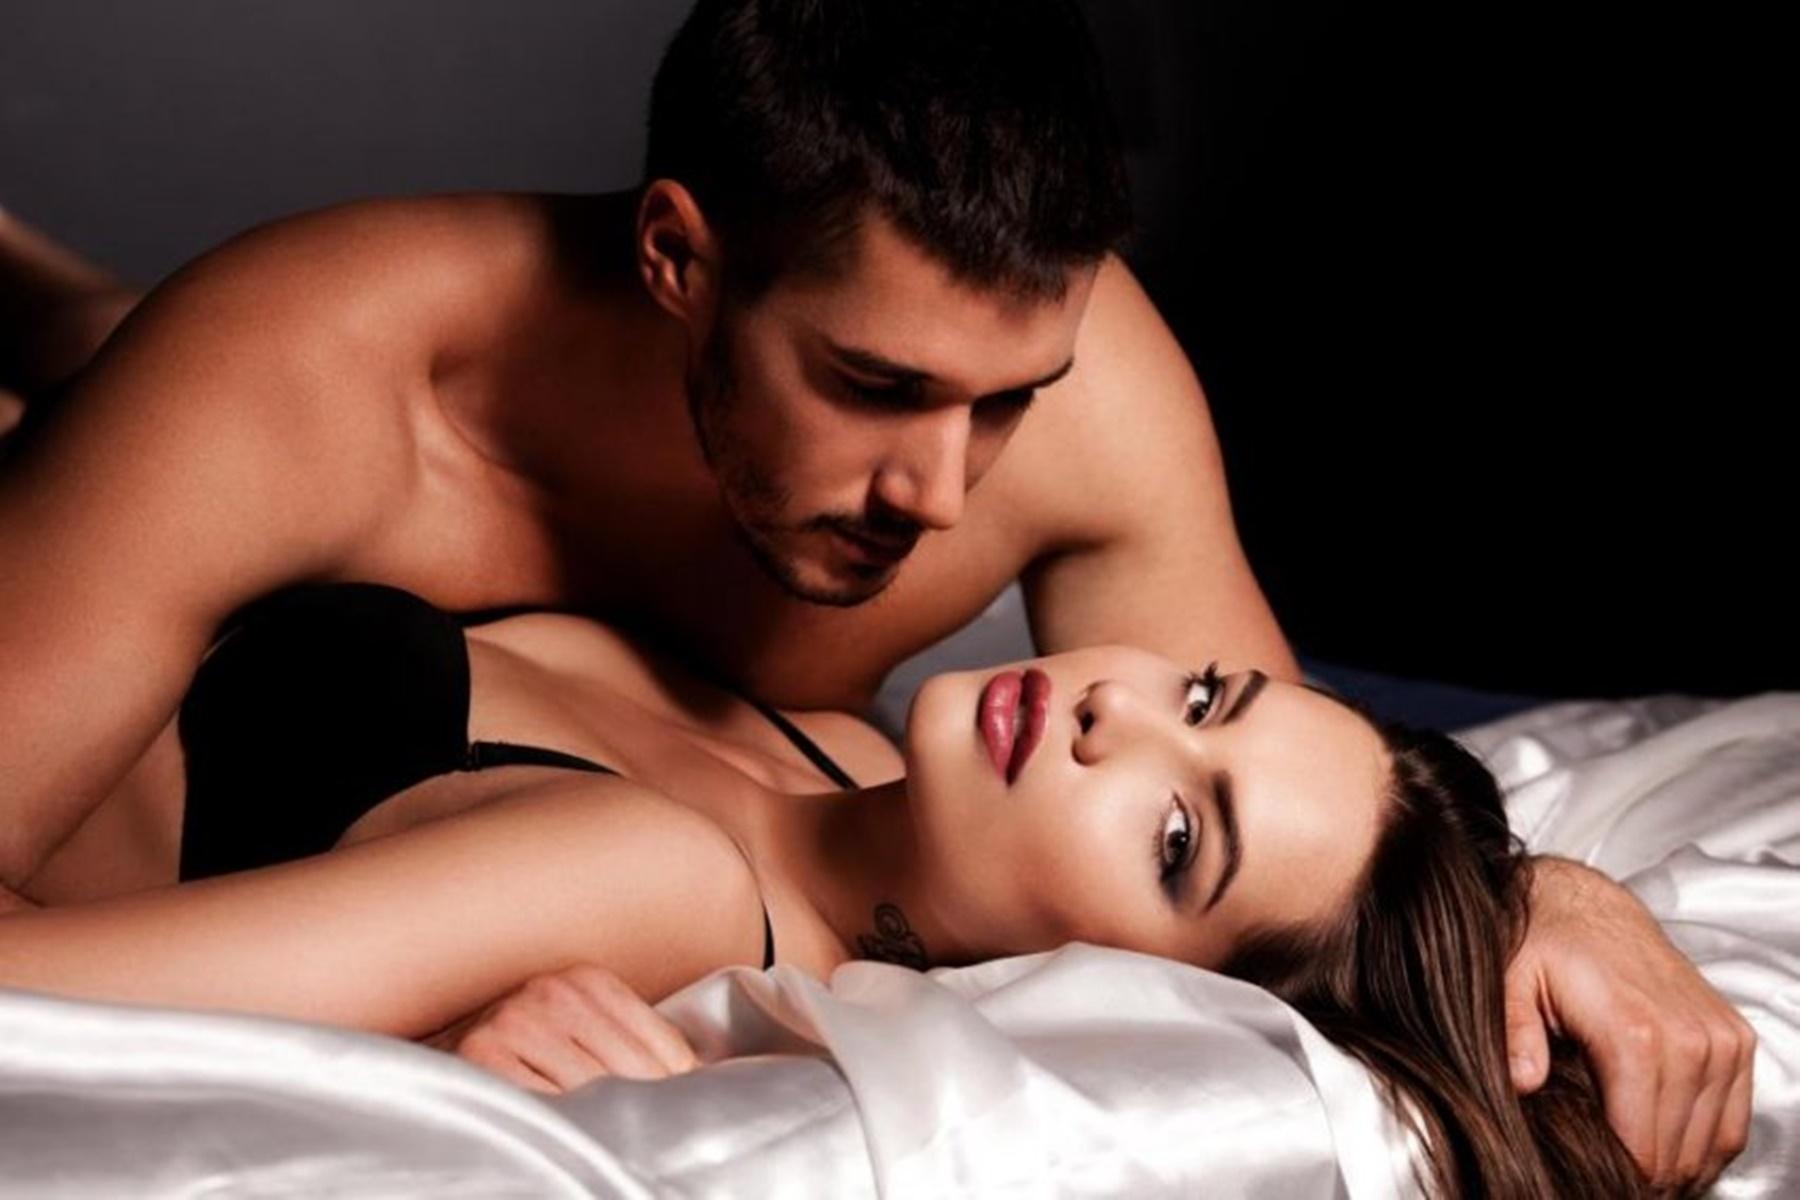 Σεξουαλική ζωή : Απογειώστε το συνδέοντας την πράξη με το μυαλό και το σώμα